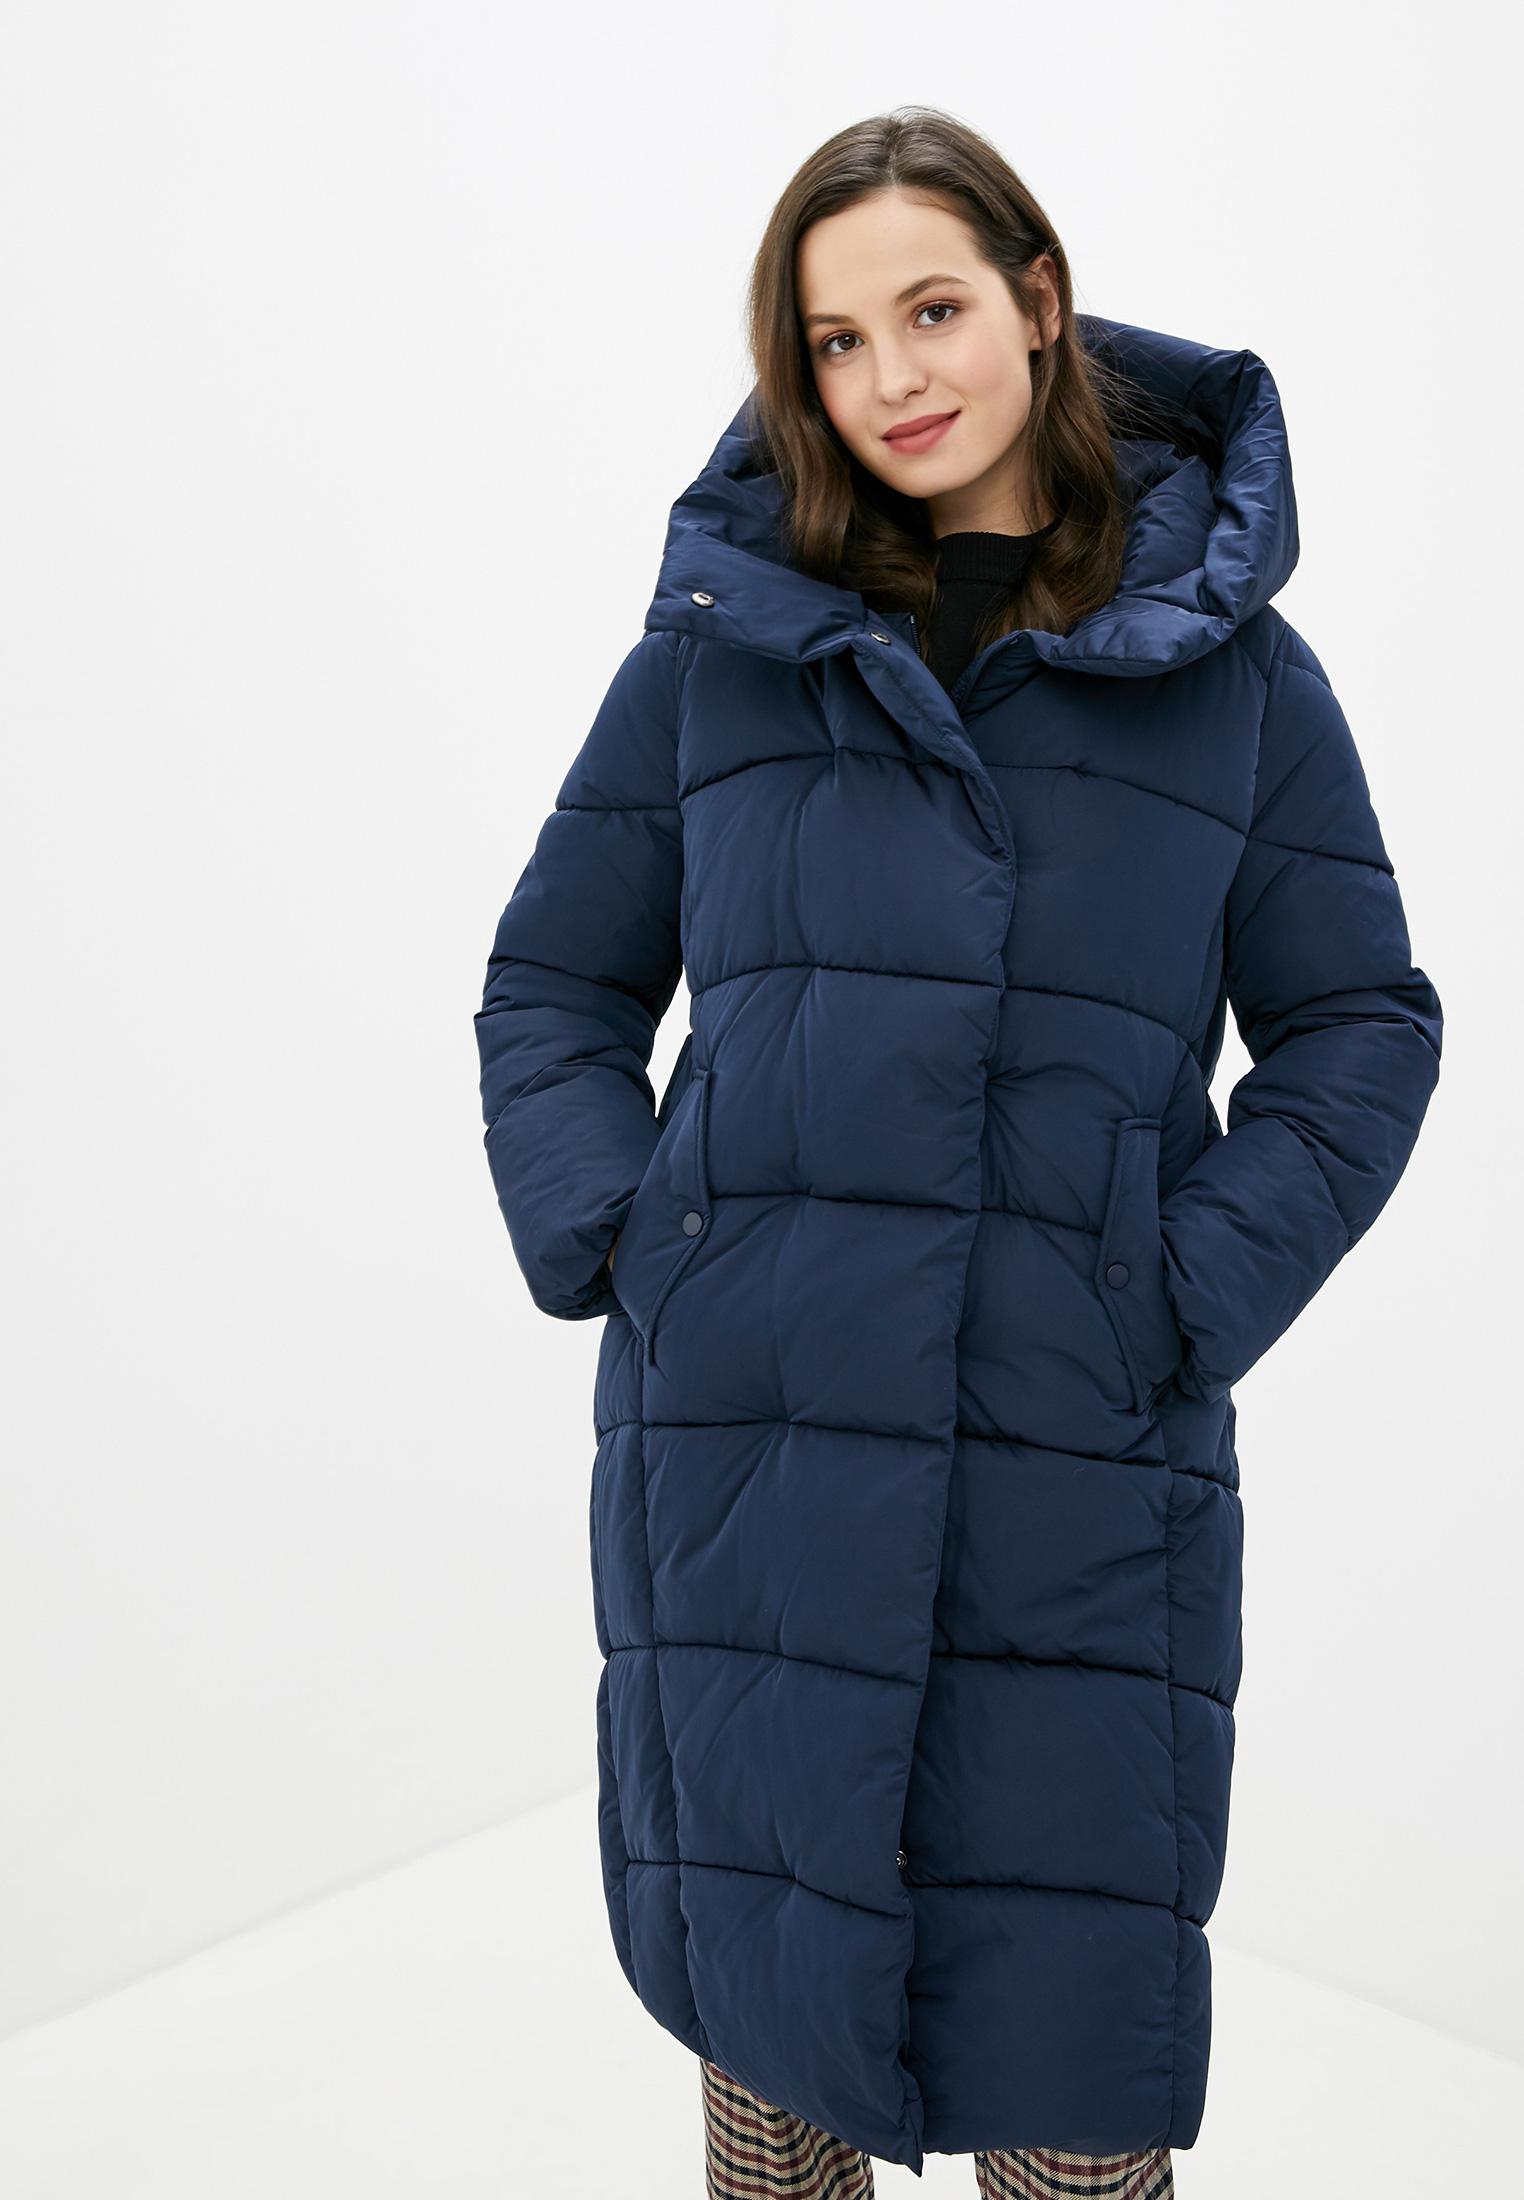 Куртка утепленная, Zarina, цвет: синий. Артикул: MP002XW1221B. Одежда / Верхняя одежда